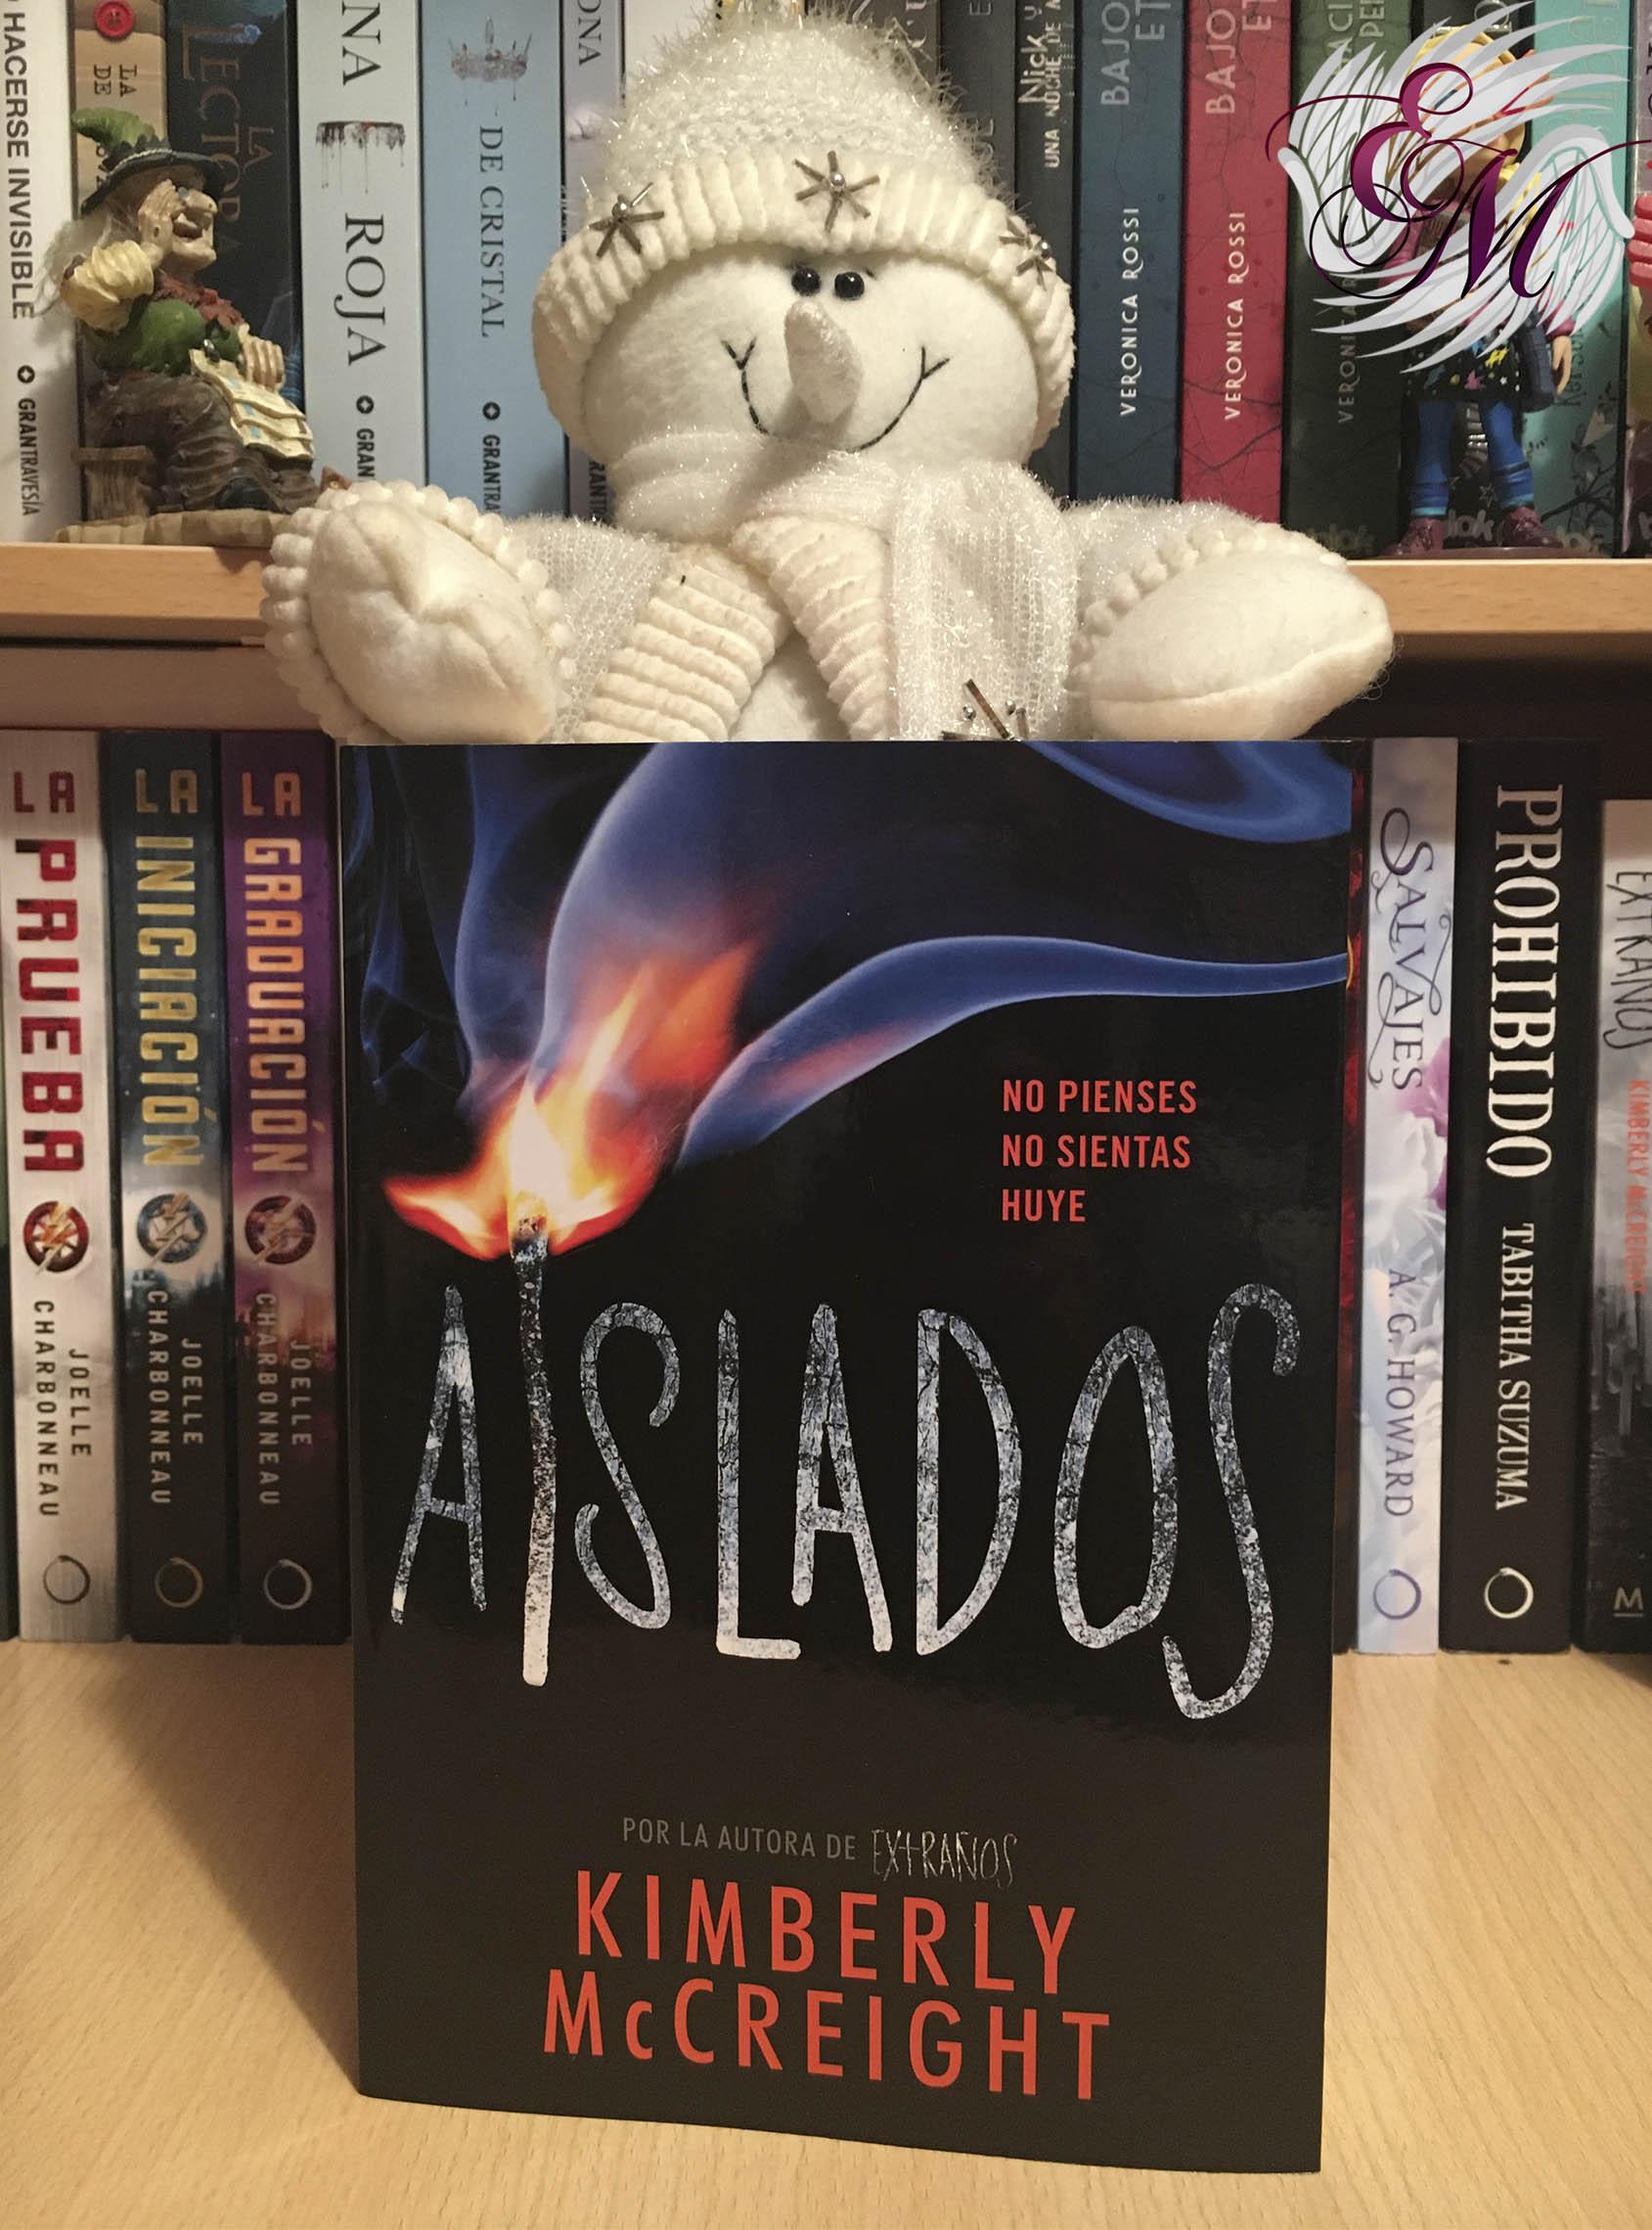 Aislados, de Kimberly Mccreigh - Reseña